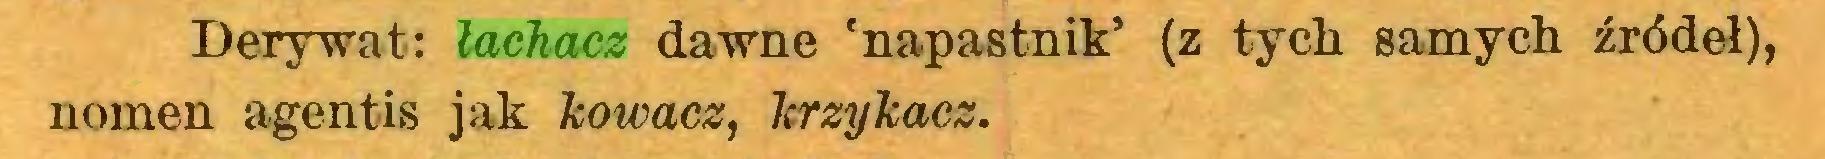 (...) Derywat: łachacz dawne 'napastnik' (z tych samych źródeł), nomen agentis jak kowacz, krzykacz...